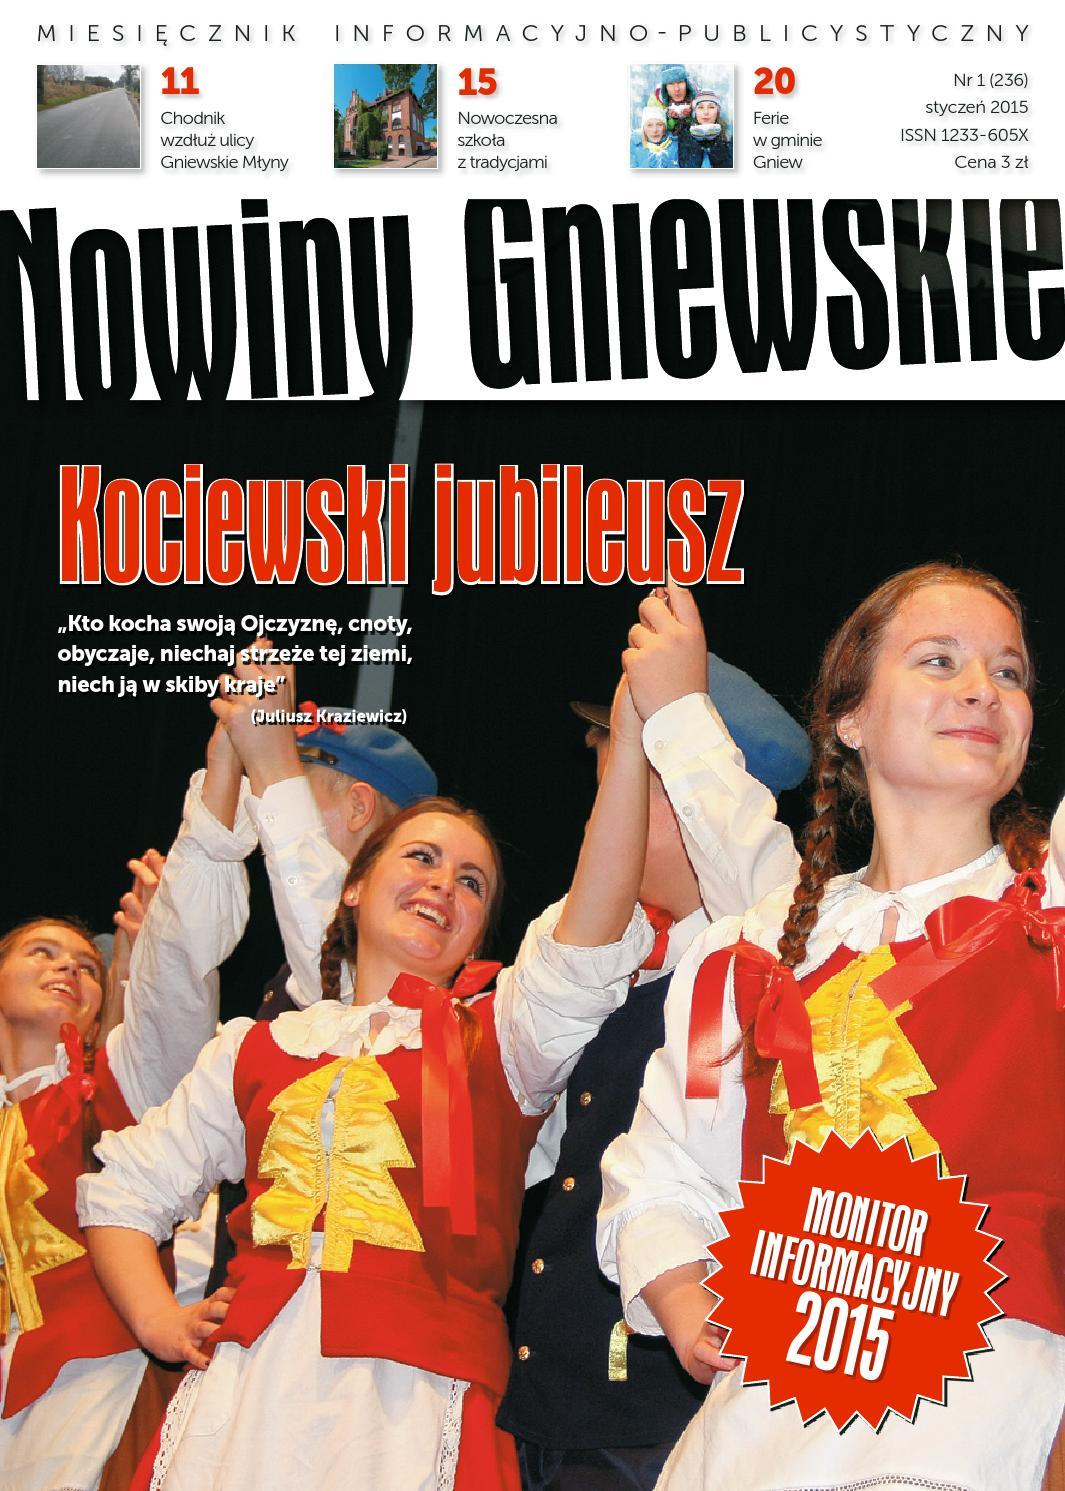 394daf65e402d Nowiny Gniewskie